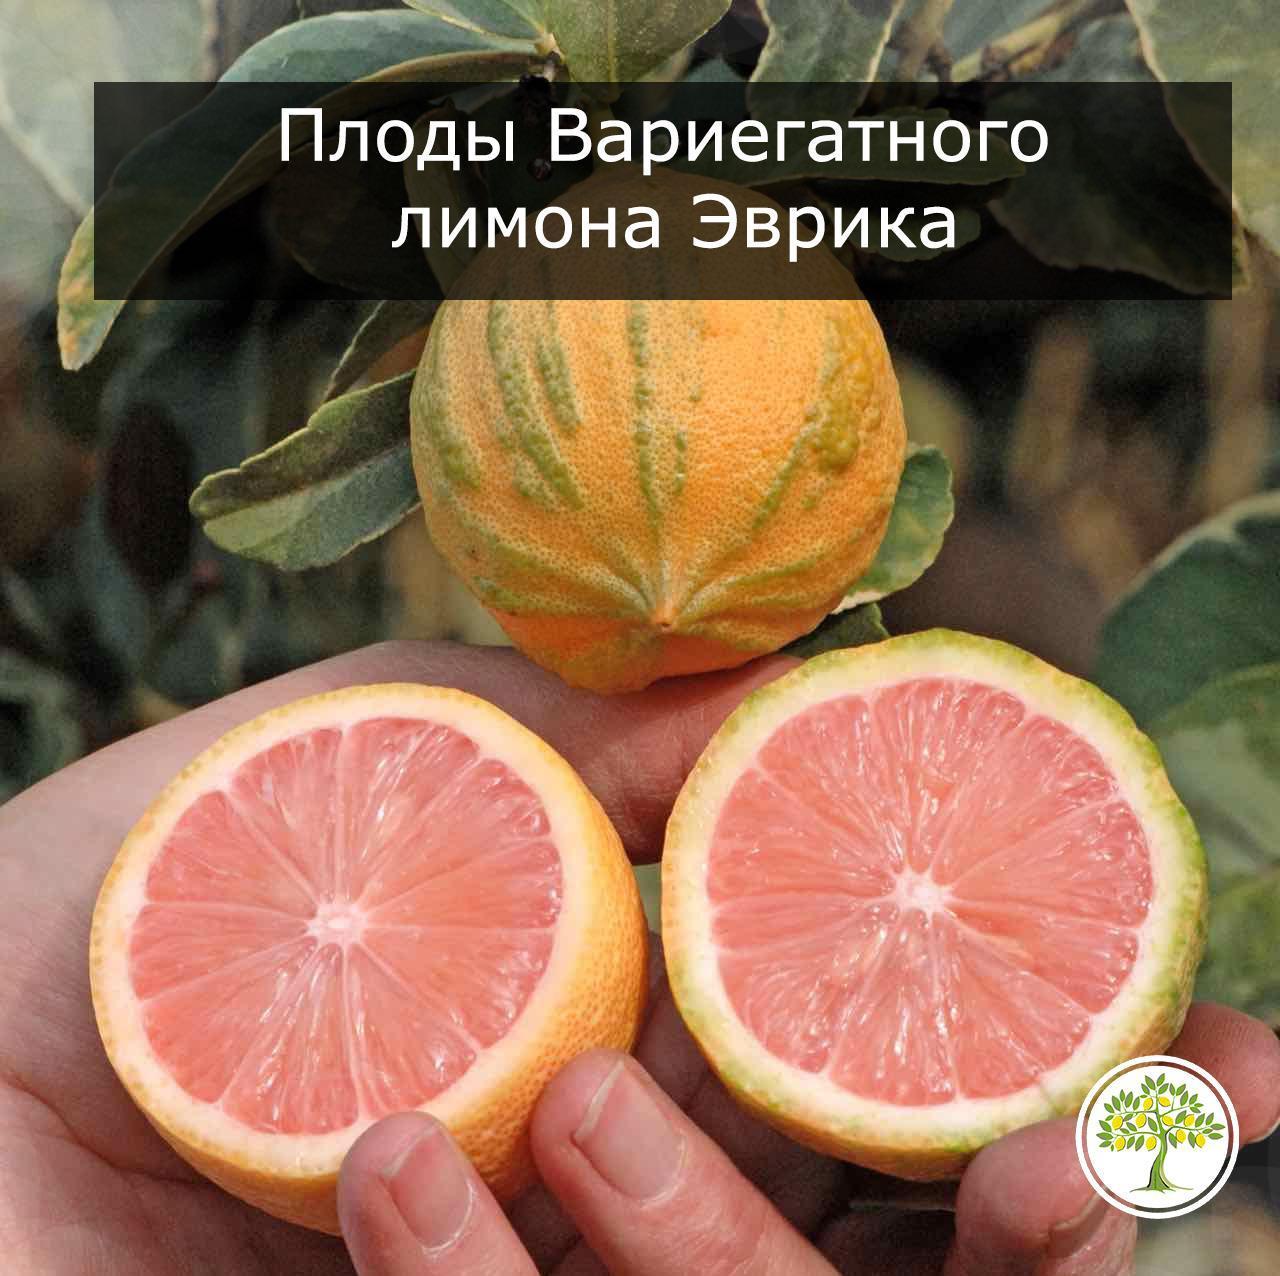 Вариегатные плоды лимона эврика